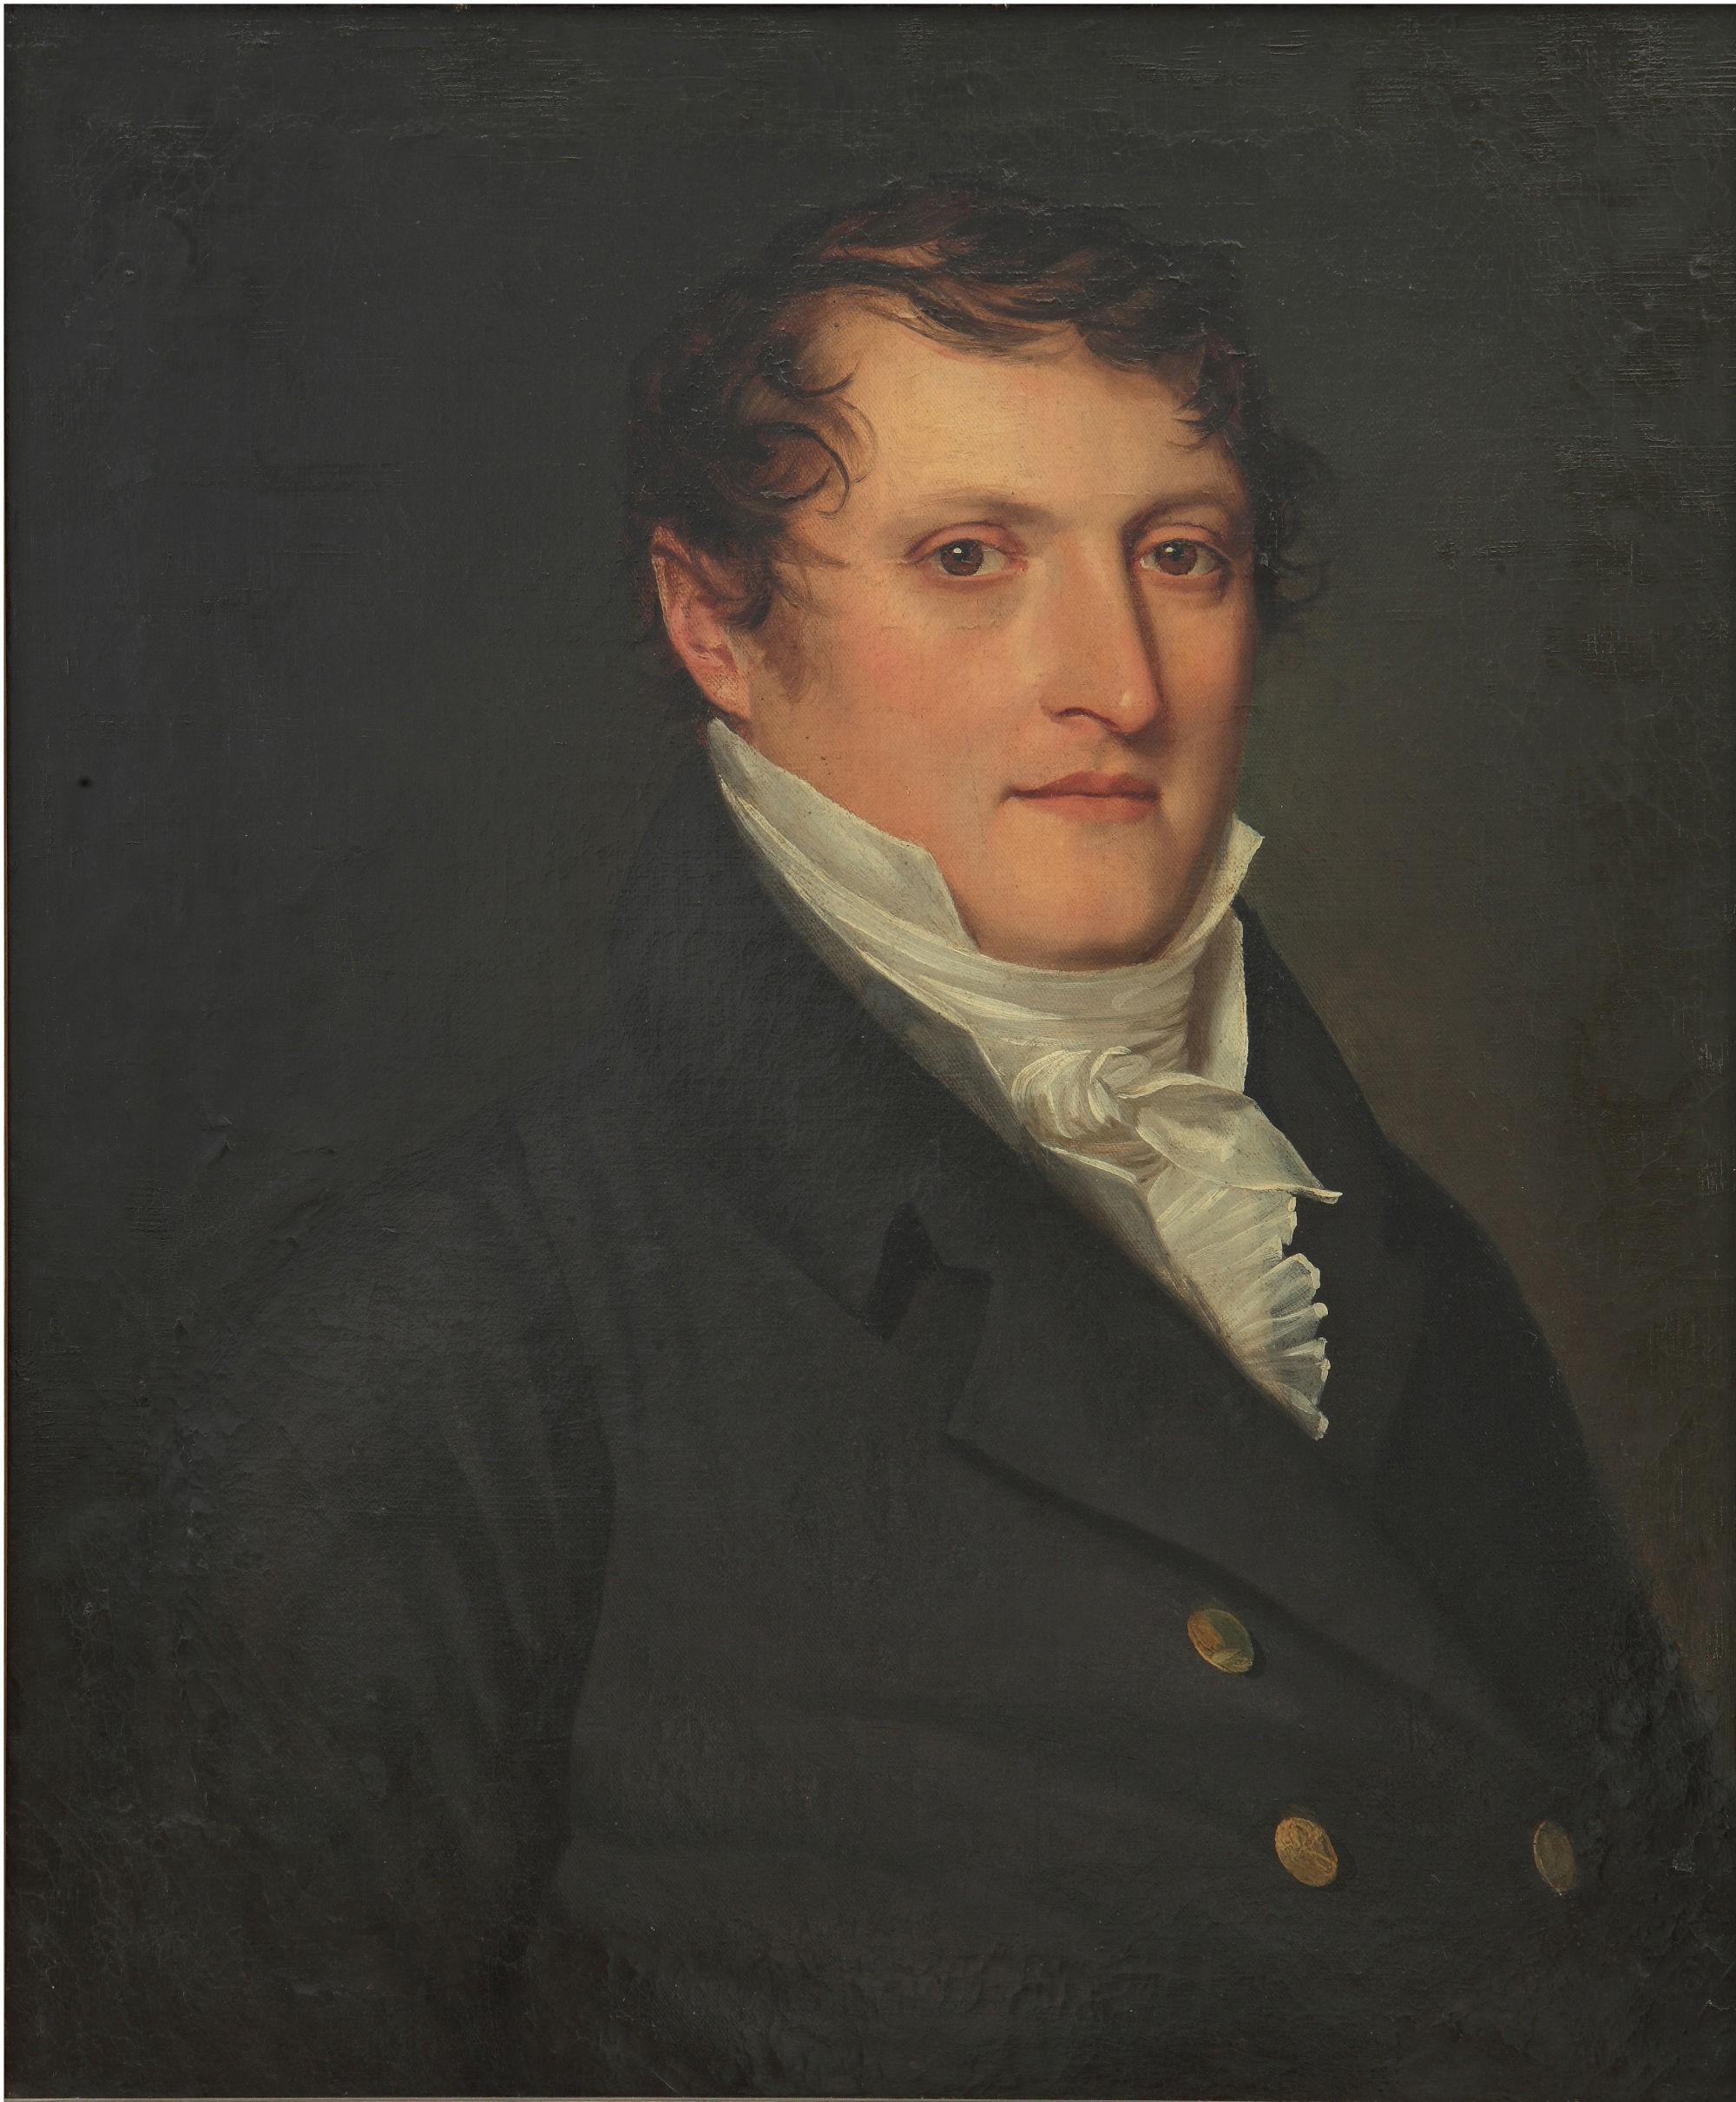 Manuel Belgrano Atribuido A Francois Casimir Carbonnier Jpg